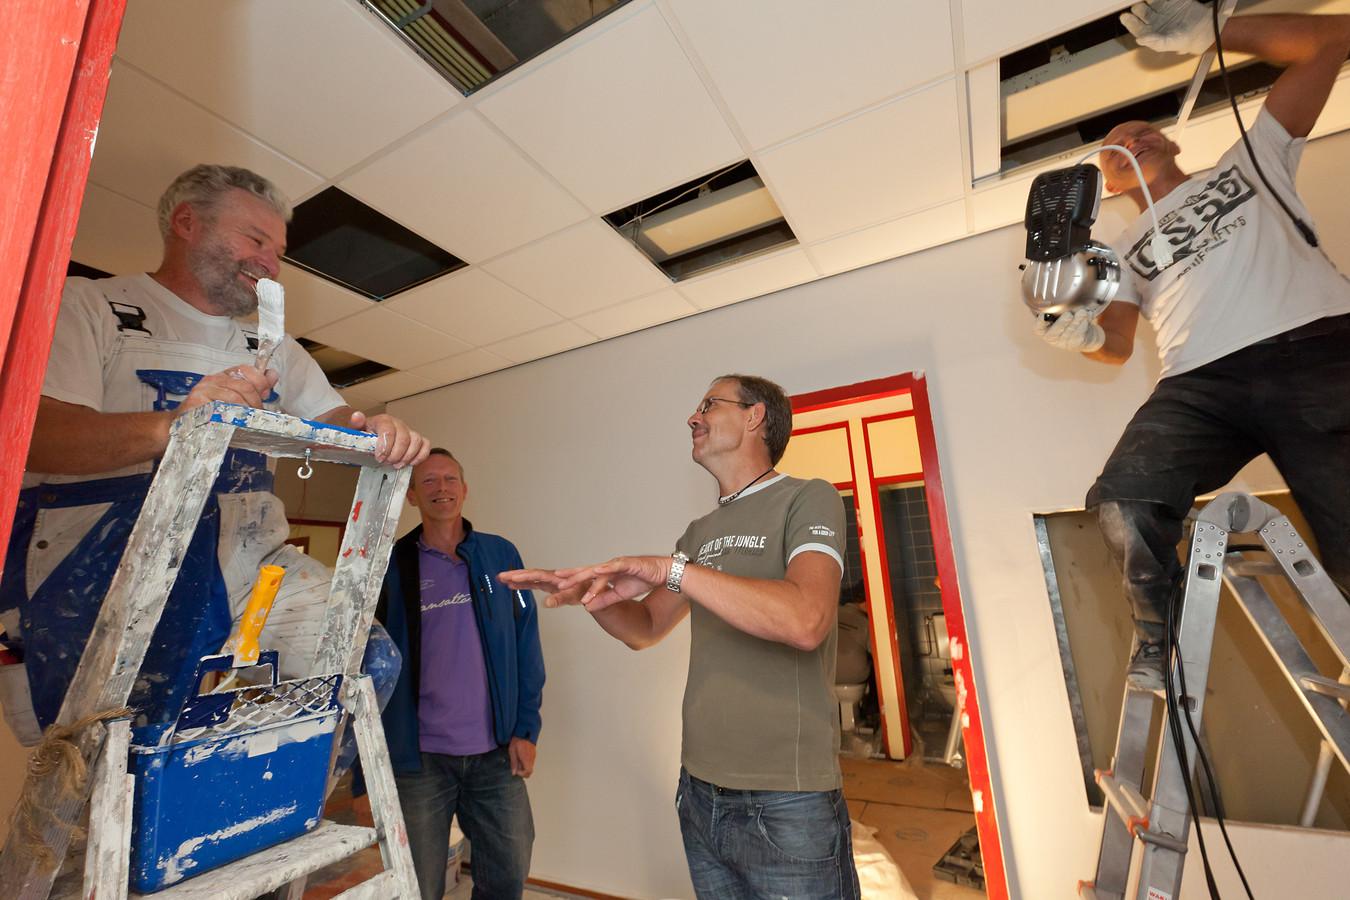 In 2011 werd buurthuis De Ridder nog flink opgeknapt, nu moet het dicht. Waarom is er 'geen geld' voor buurthuizen en wel voor theater Castellum, vraagt voorzitter Henk van der Zwaard zich af.